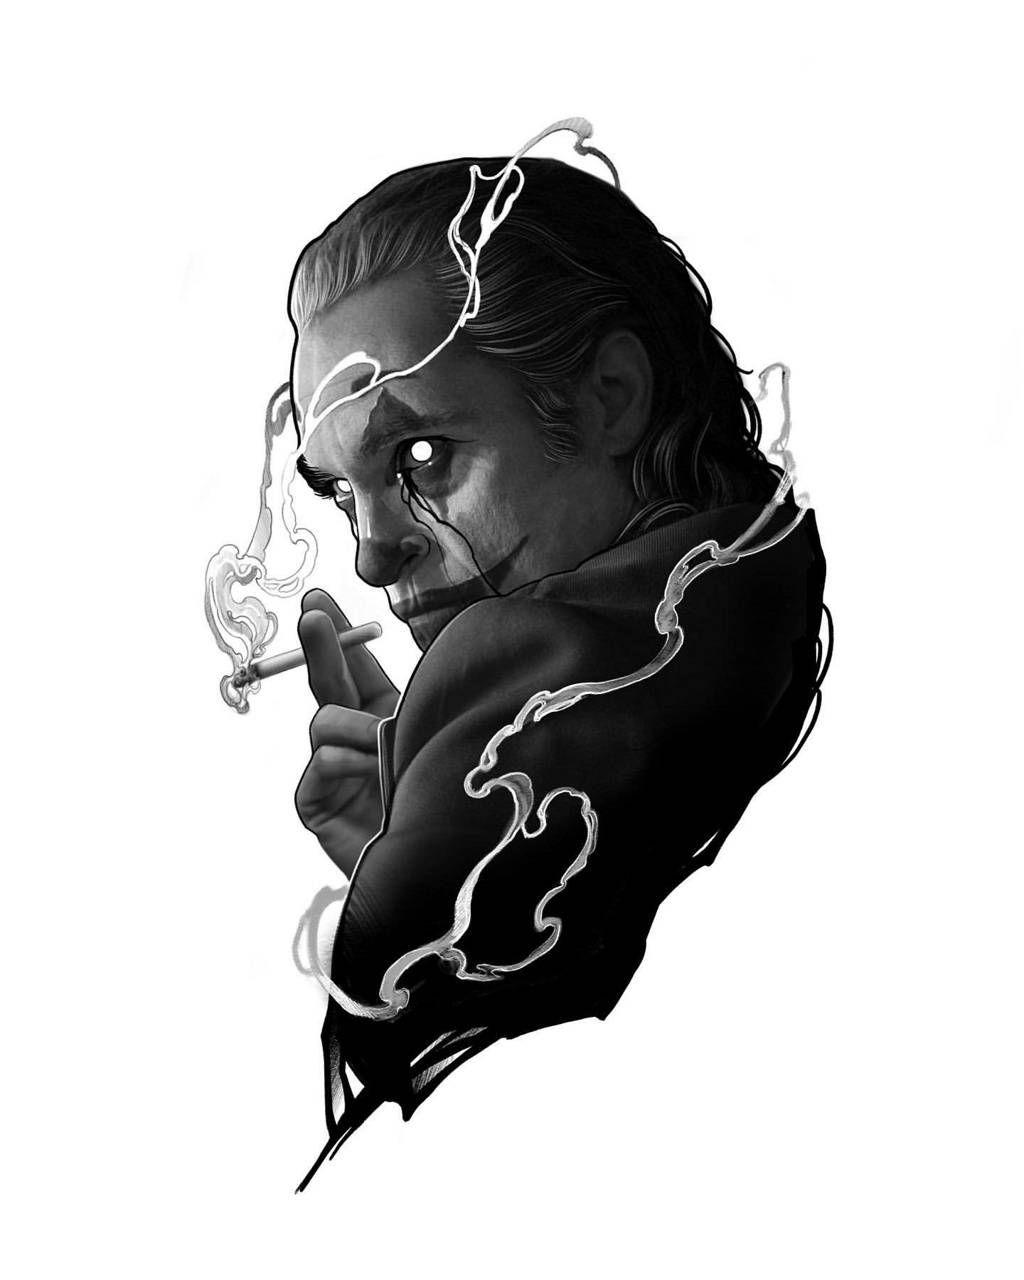 Download Joker 2019 Wallpaper By Brazennbull 91 Free On Zedge Now Browse Millions Of Popular Black Wallpape Graphic Design Tattoos Joker Art Joker Tattoo Joker tattoo wallpaper download